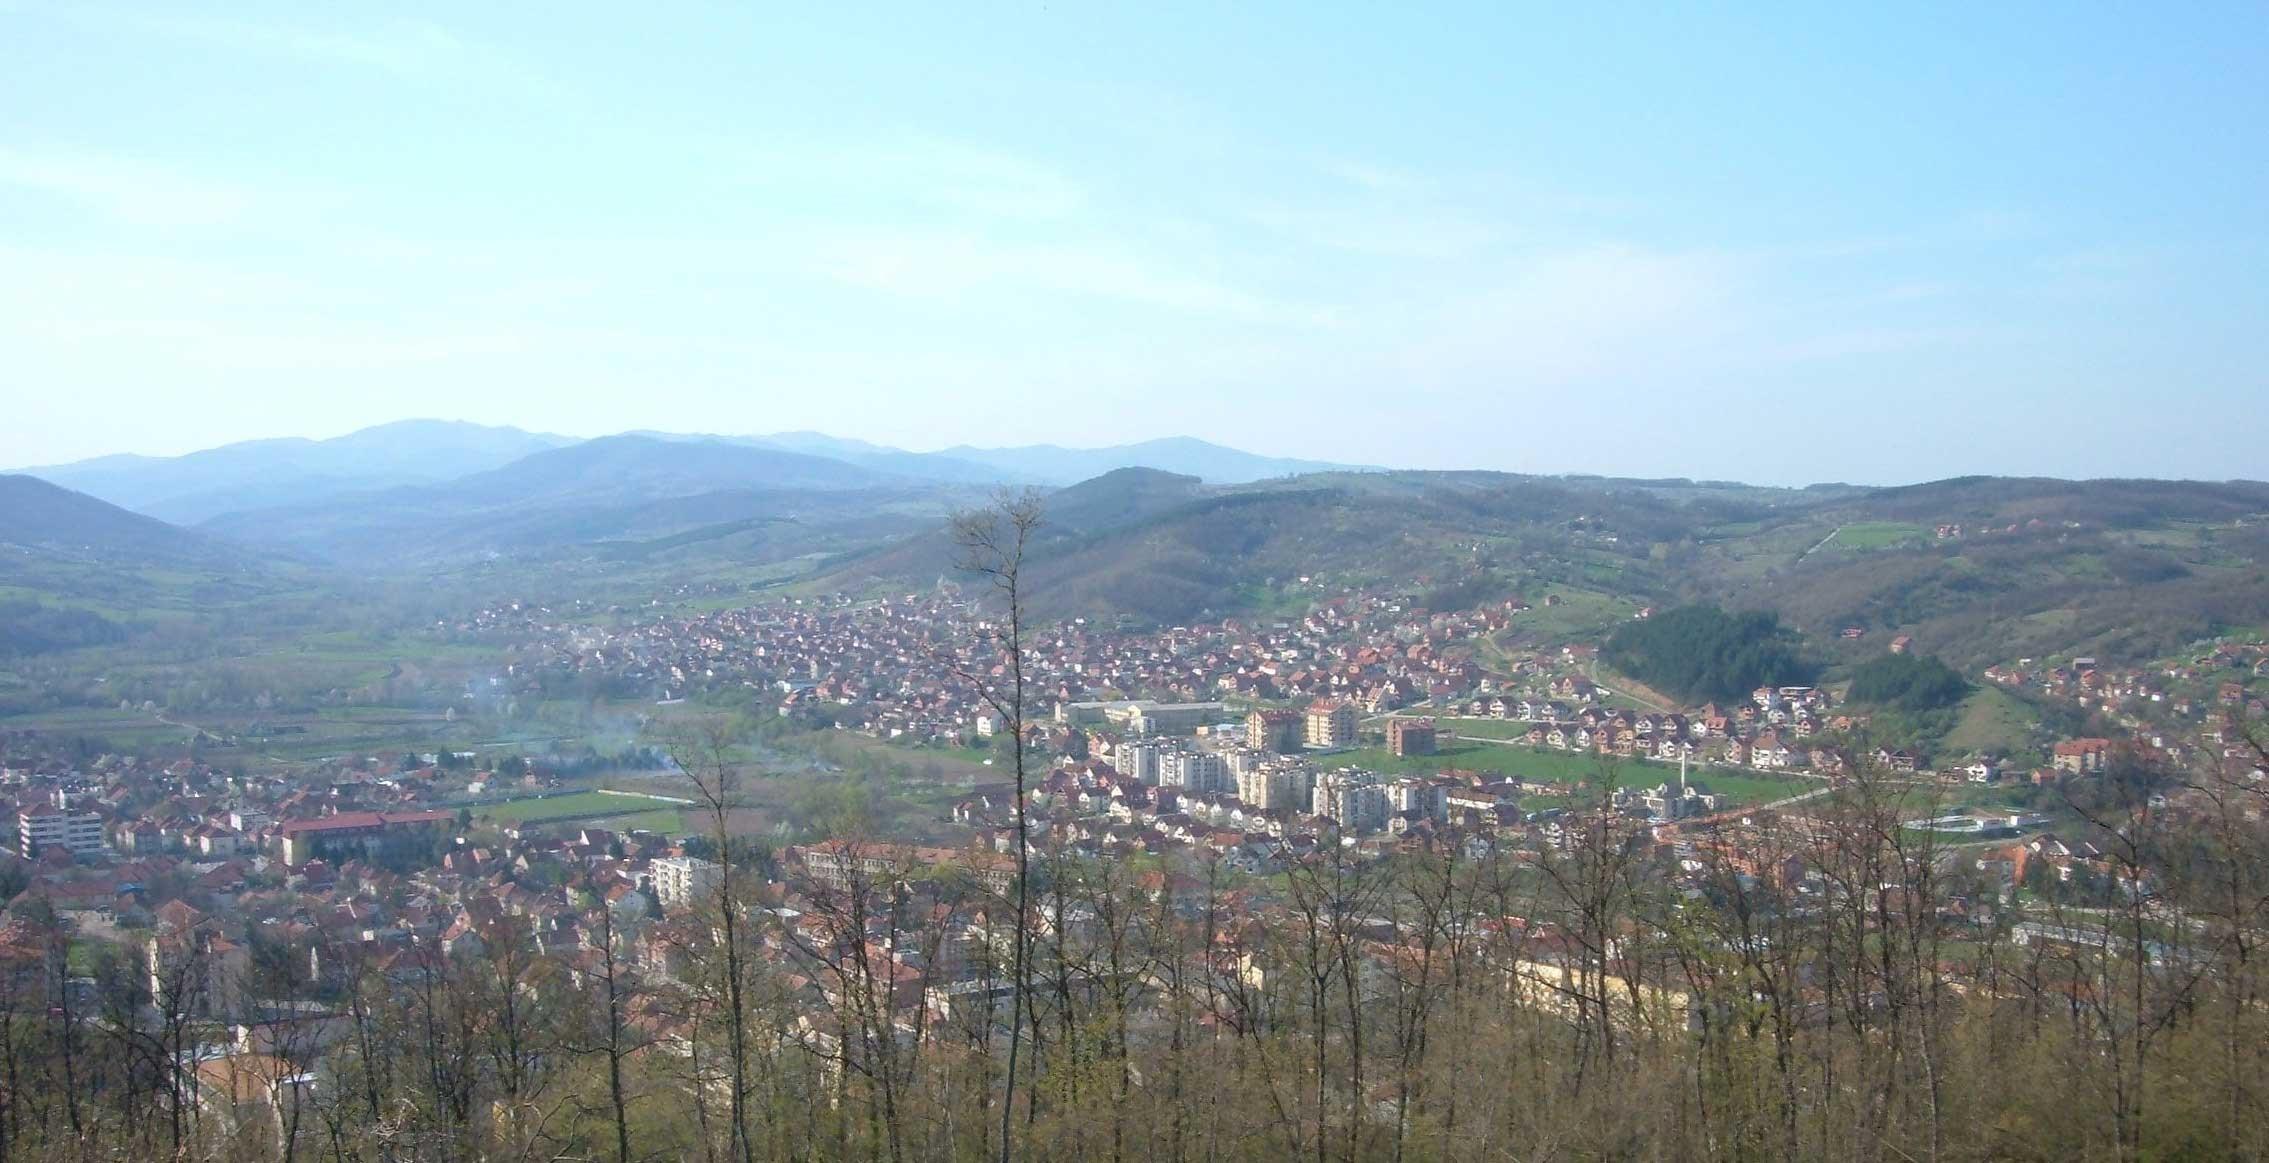 Sedam sela u opštini Kuršumlija ugašeno, Miloš Ilić poslednji stanovnik sela Parade